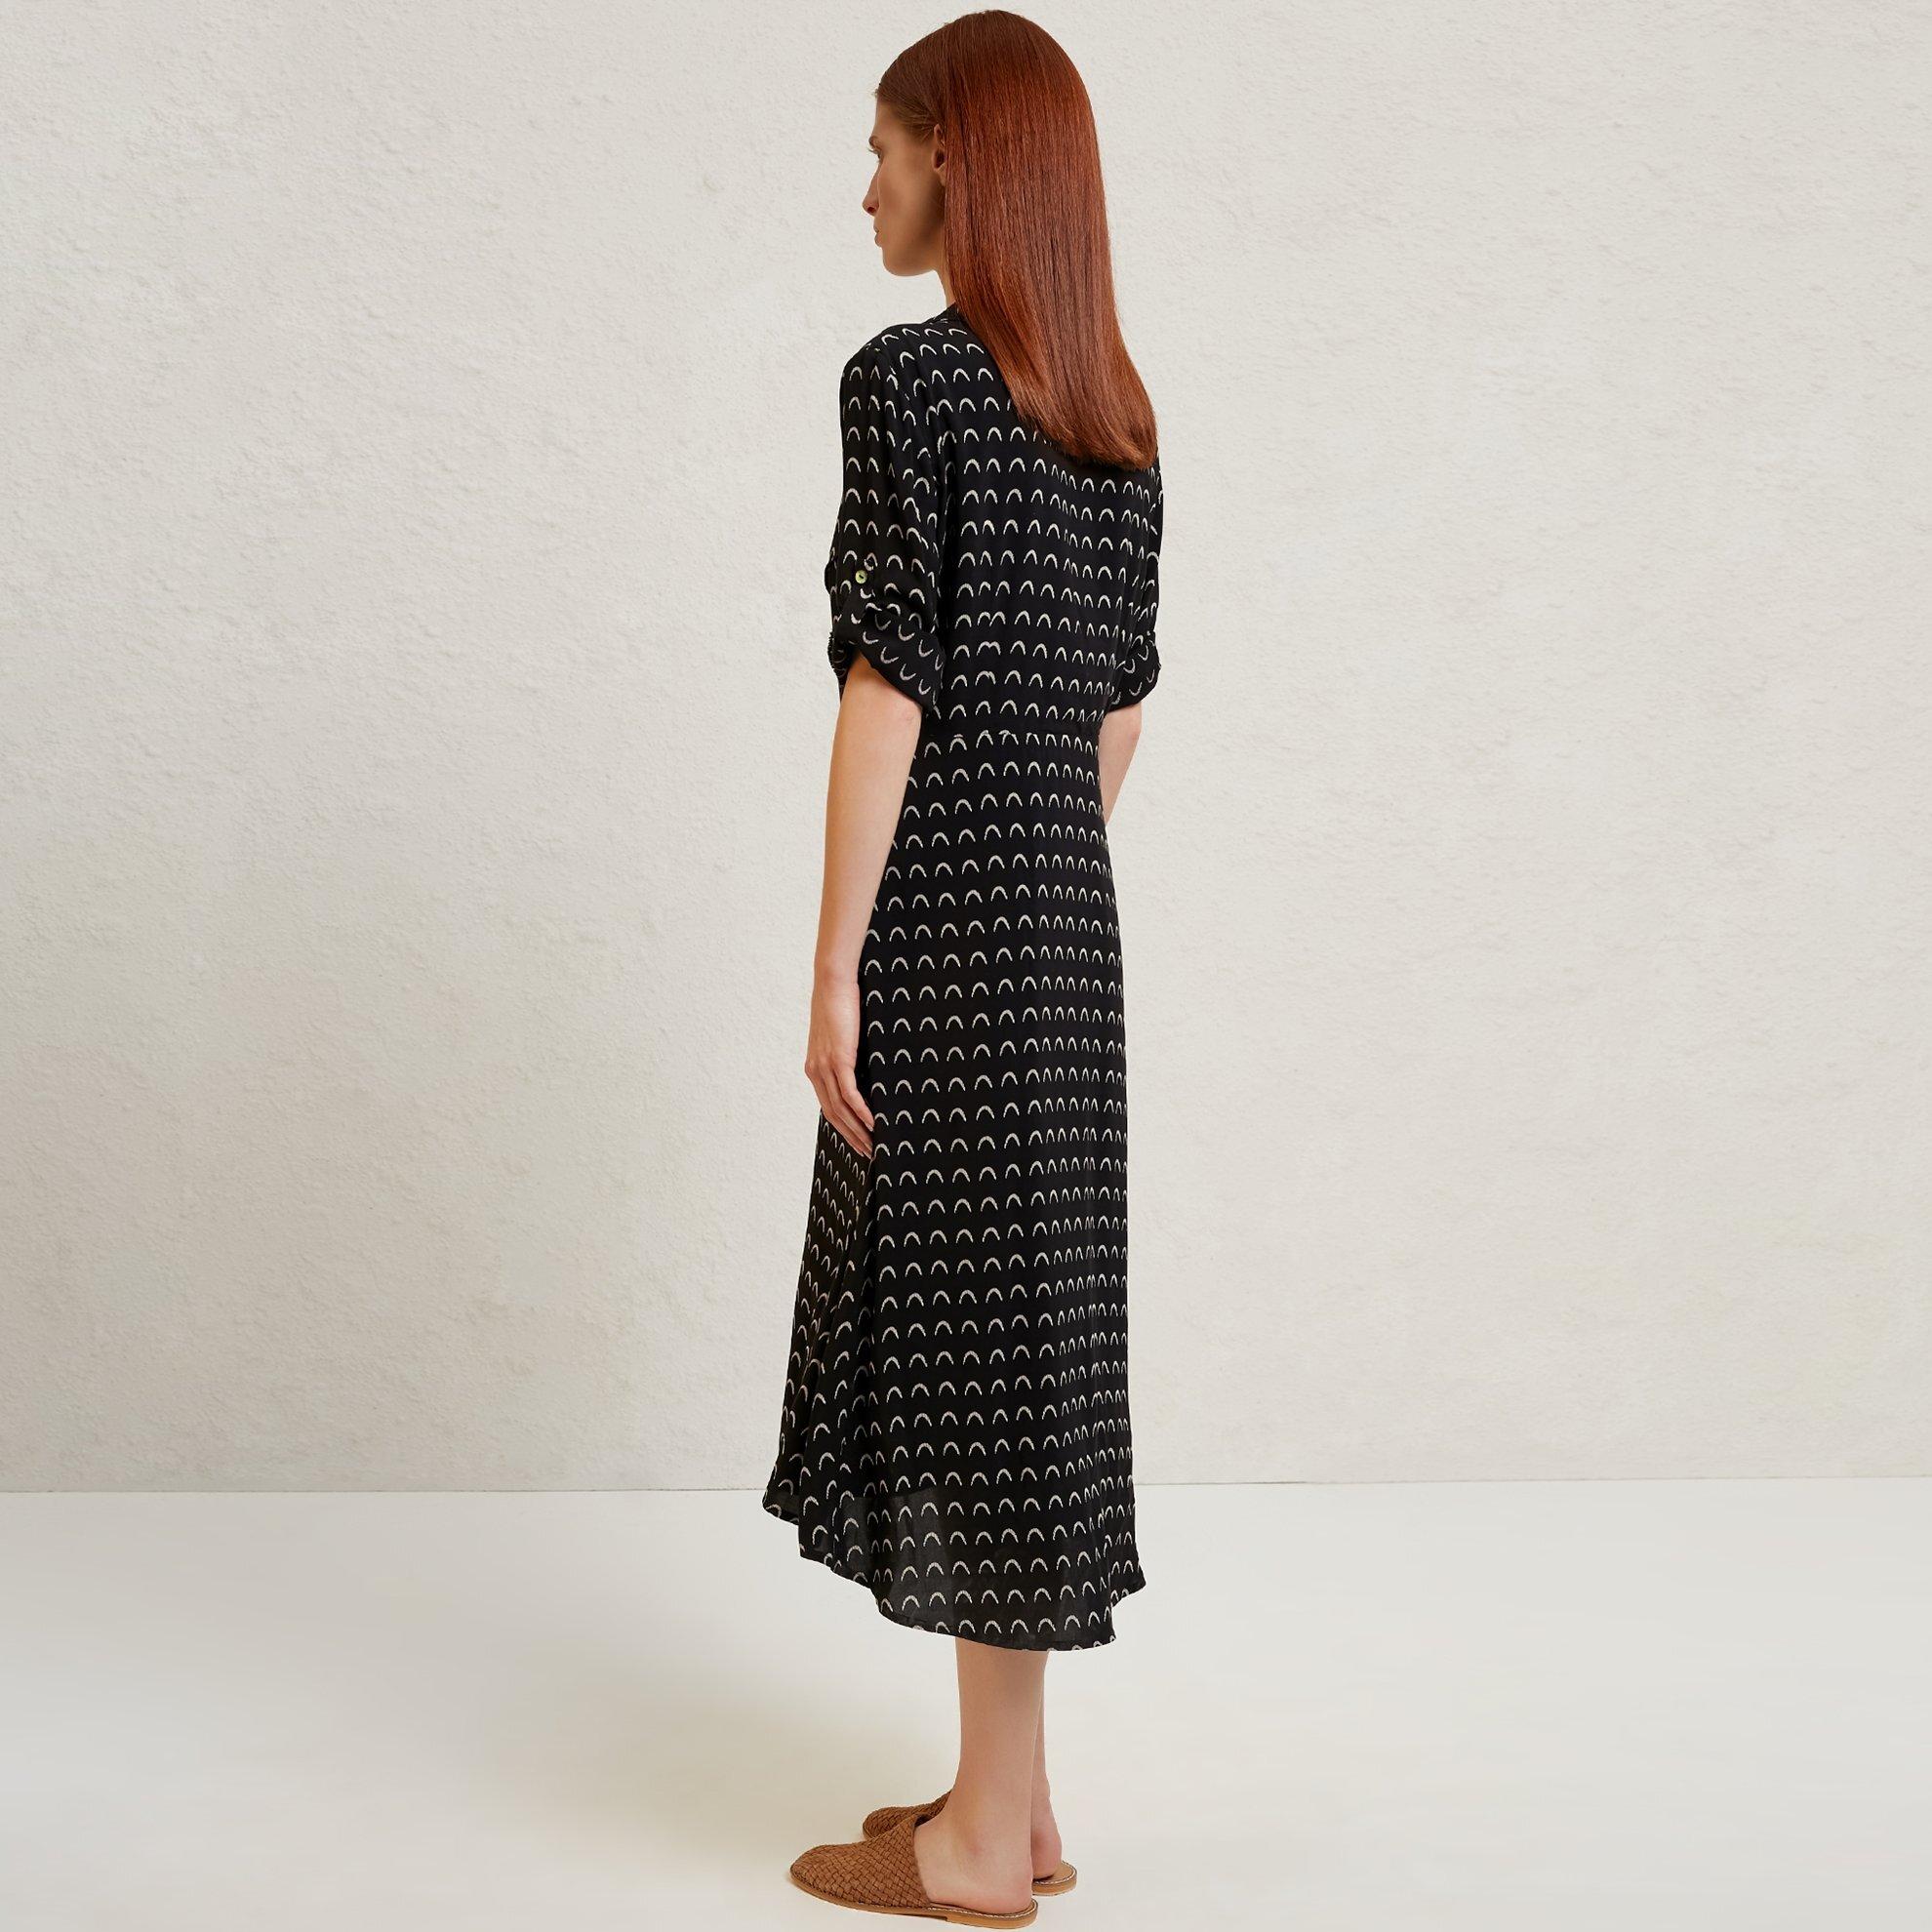 Pintuck Detailed Dress